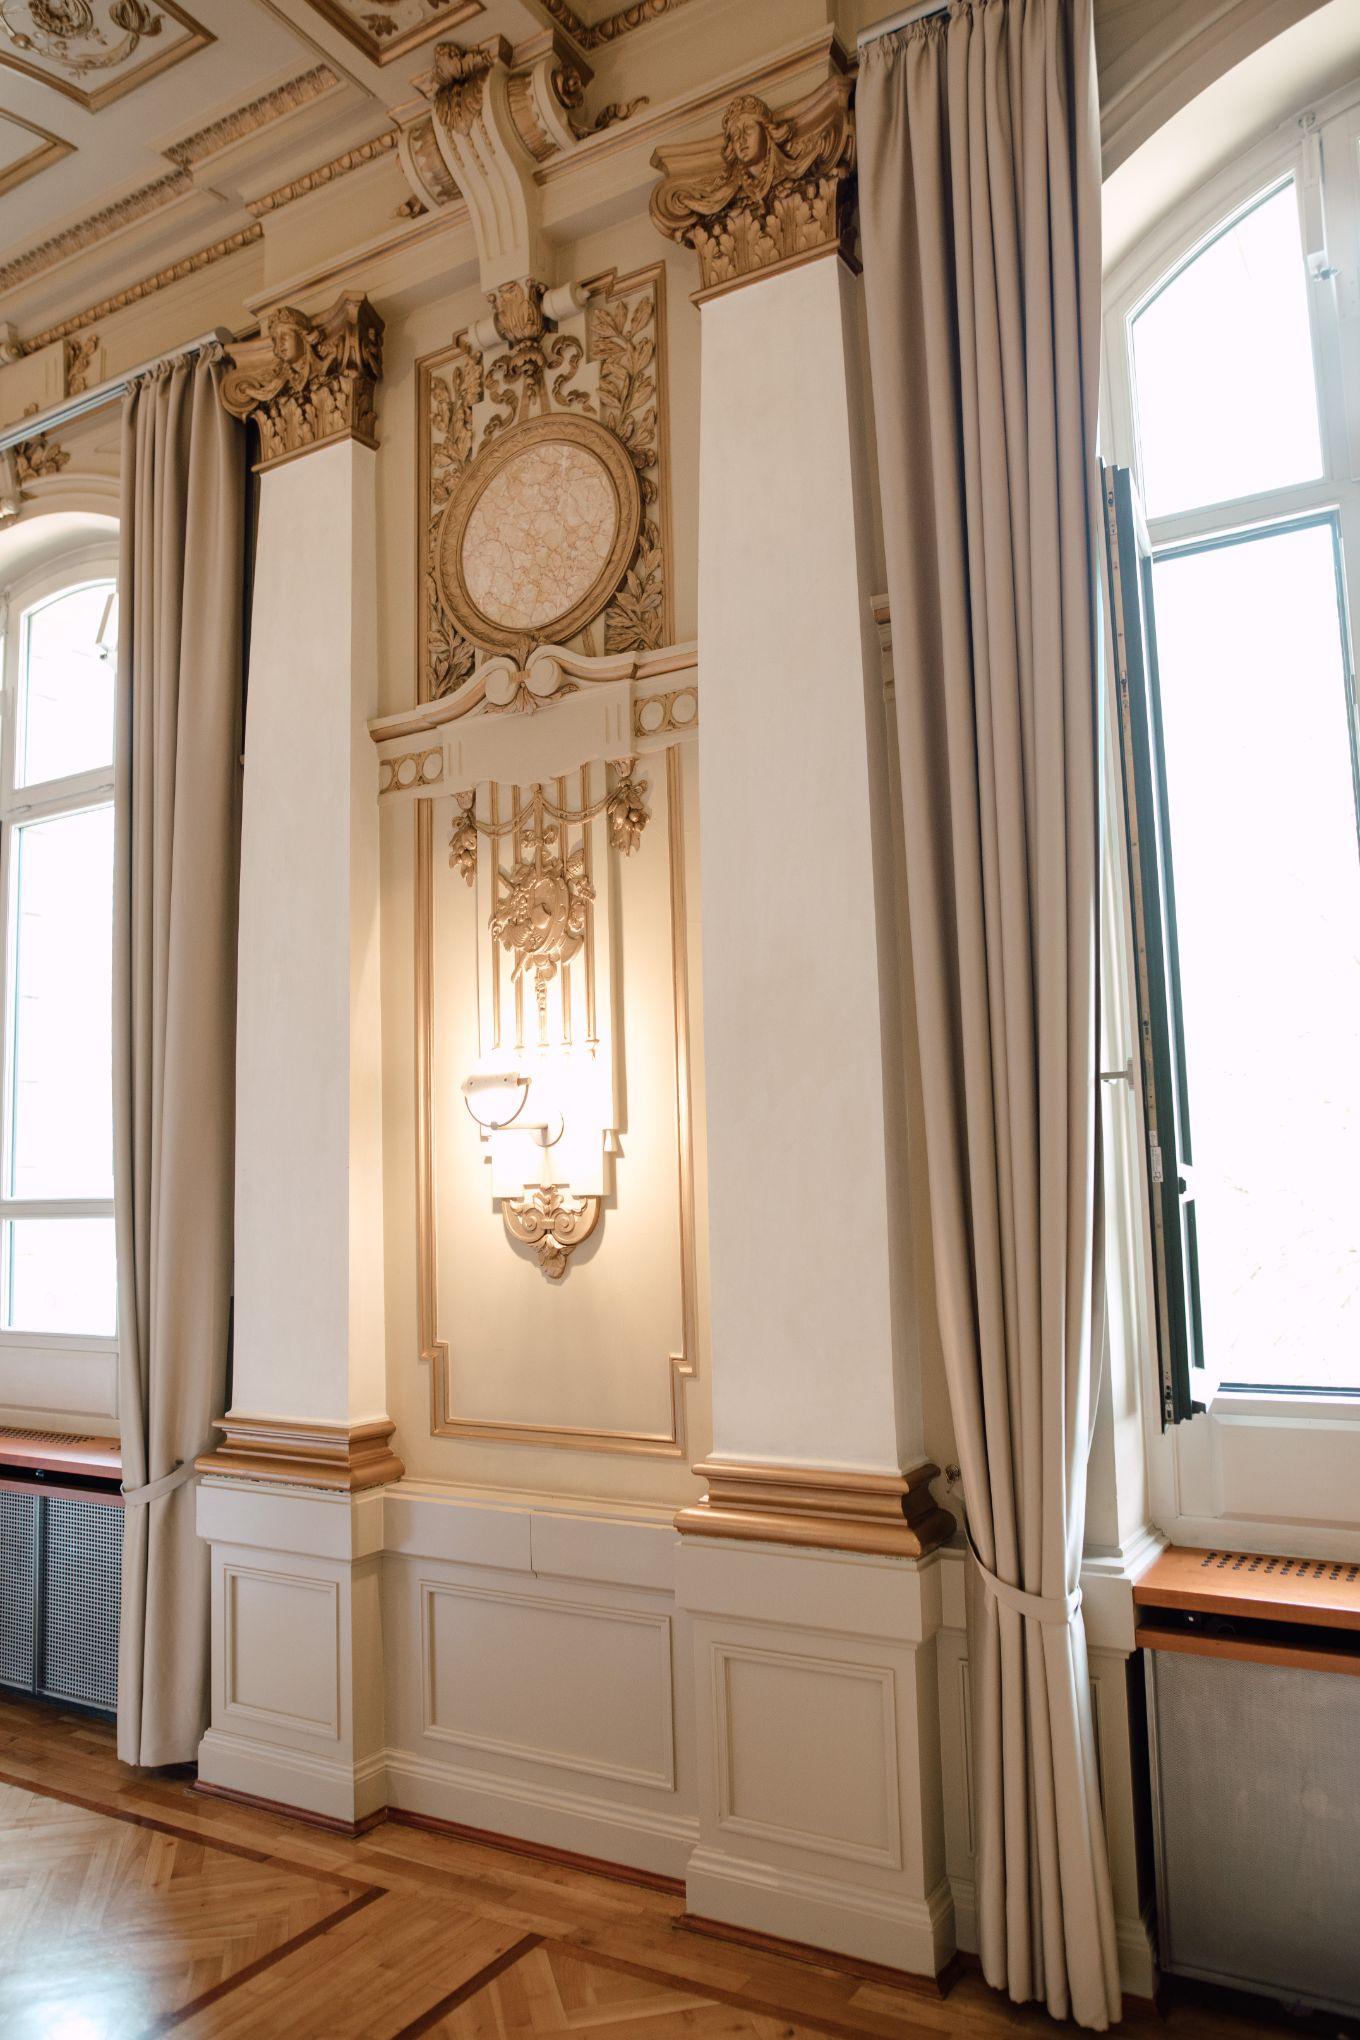 Historische-Stadthalle-Wuppertal-Hochzeit-The-Saums-KN-3-14.jpg